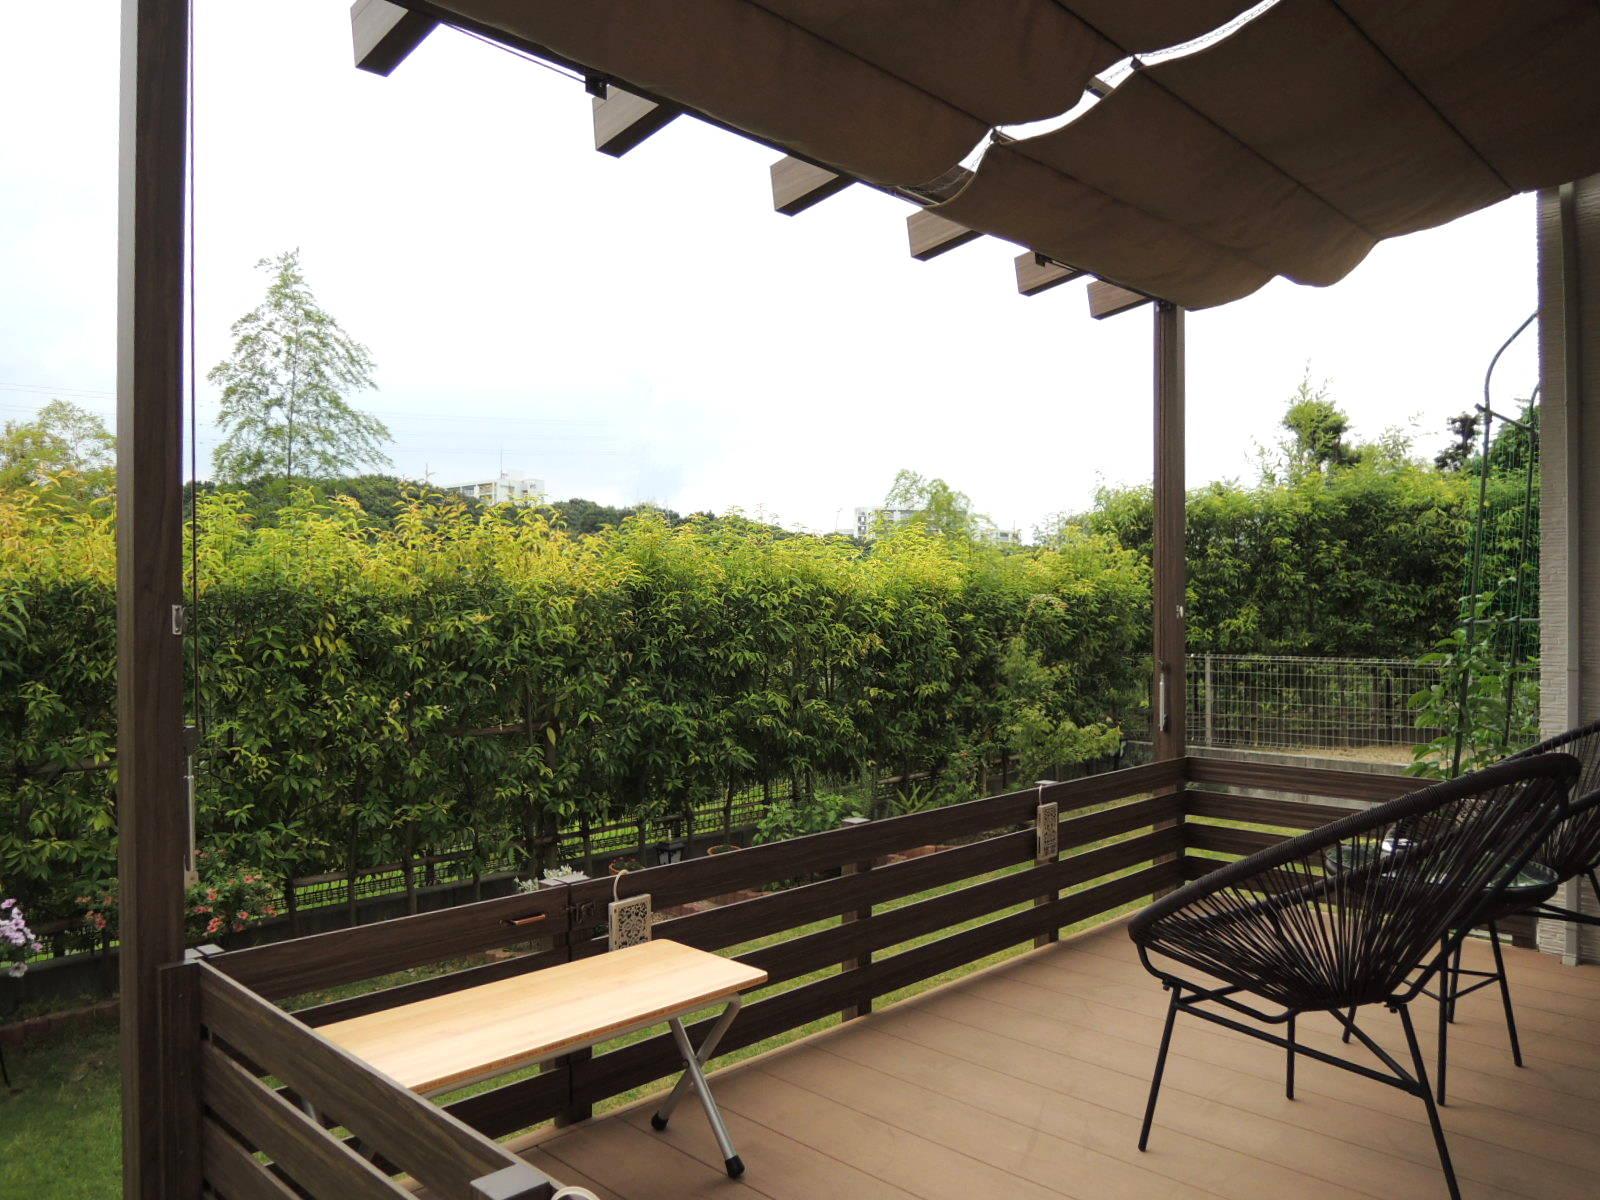 既存のデッキに屋根と囲いをつけてワンちゃんも安心のお庭に